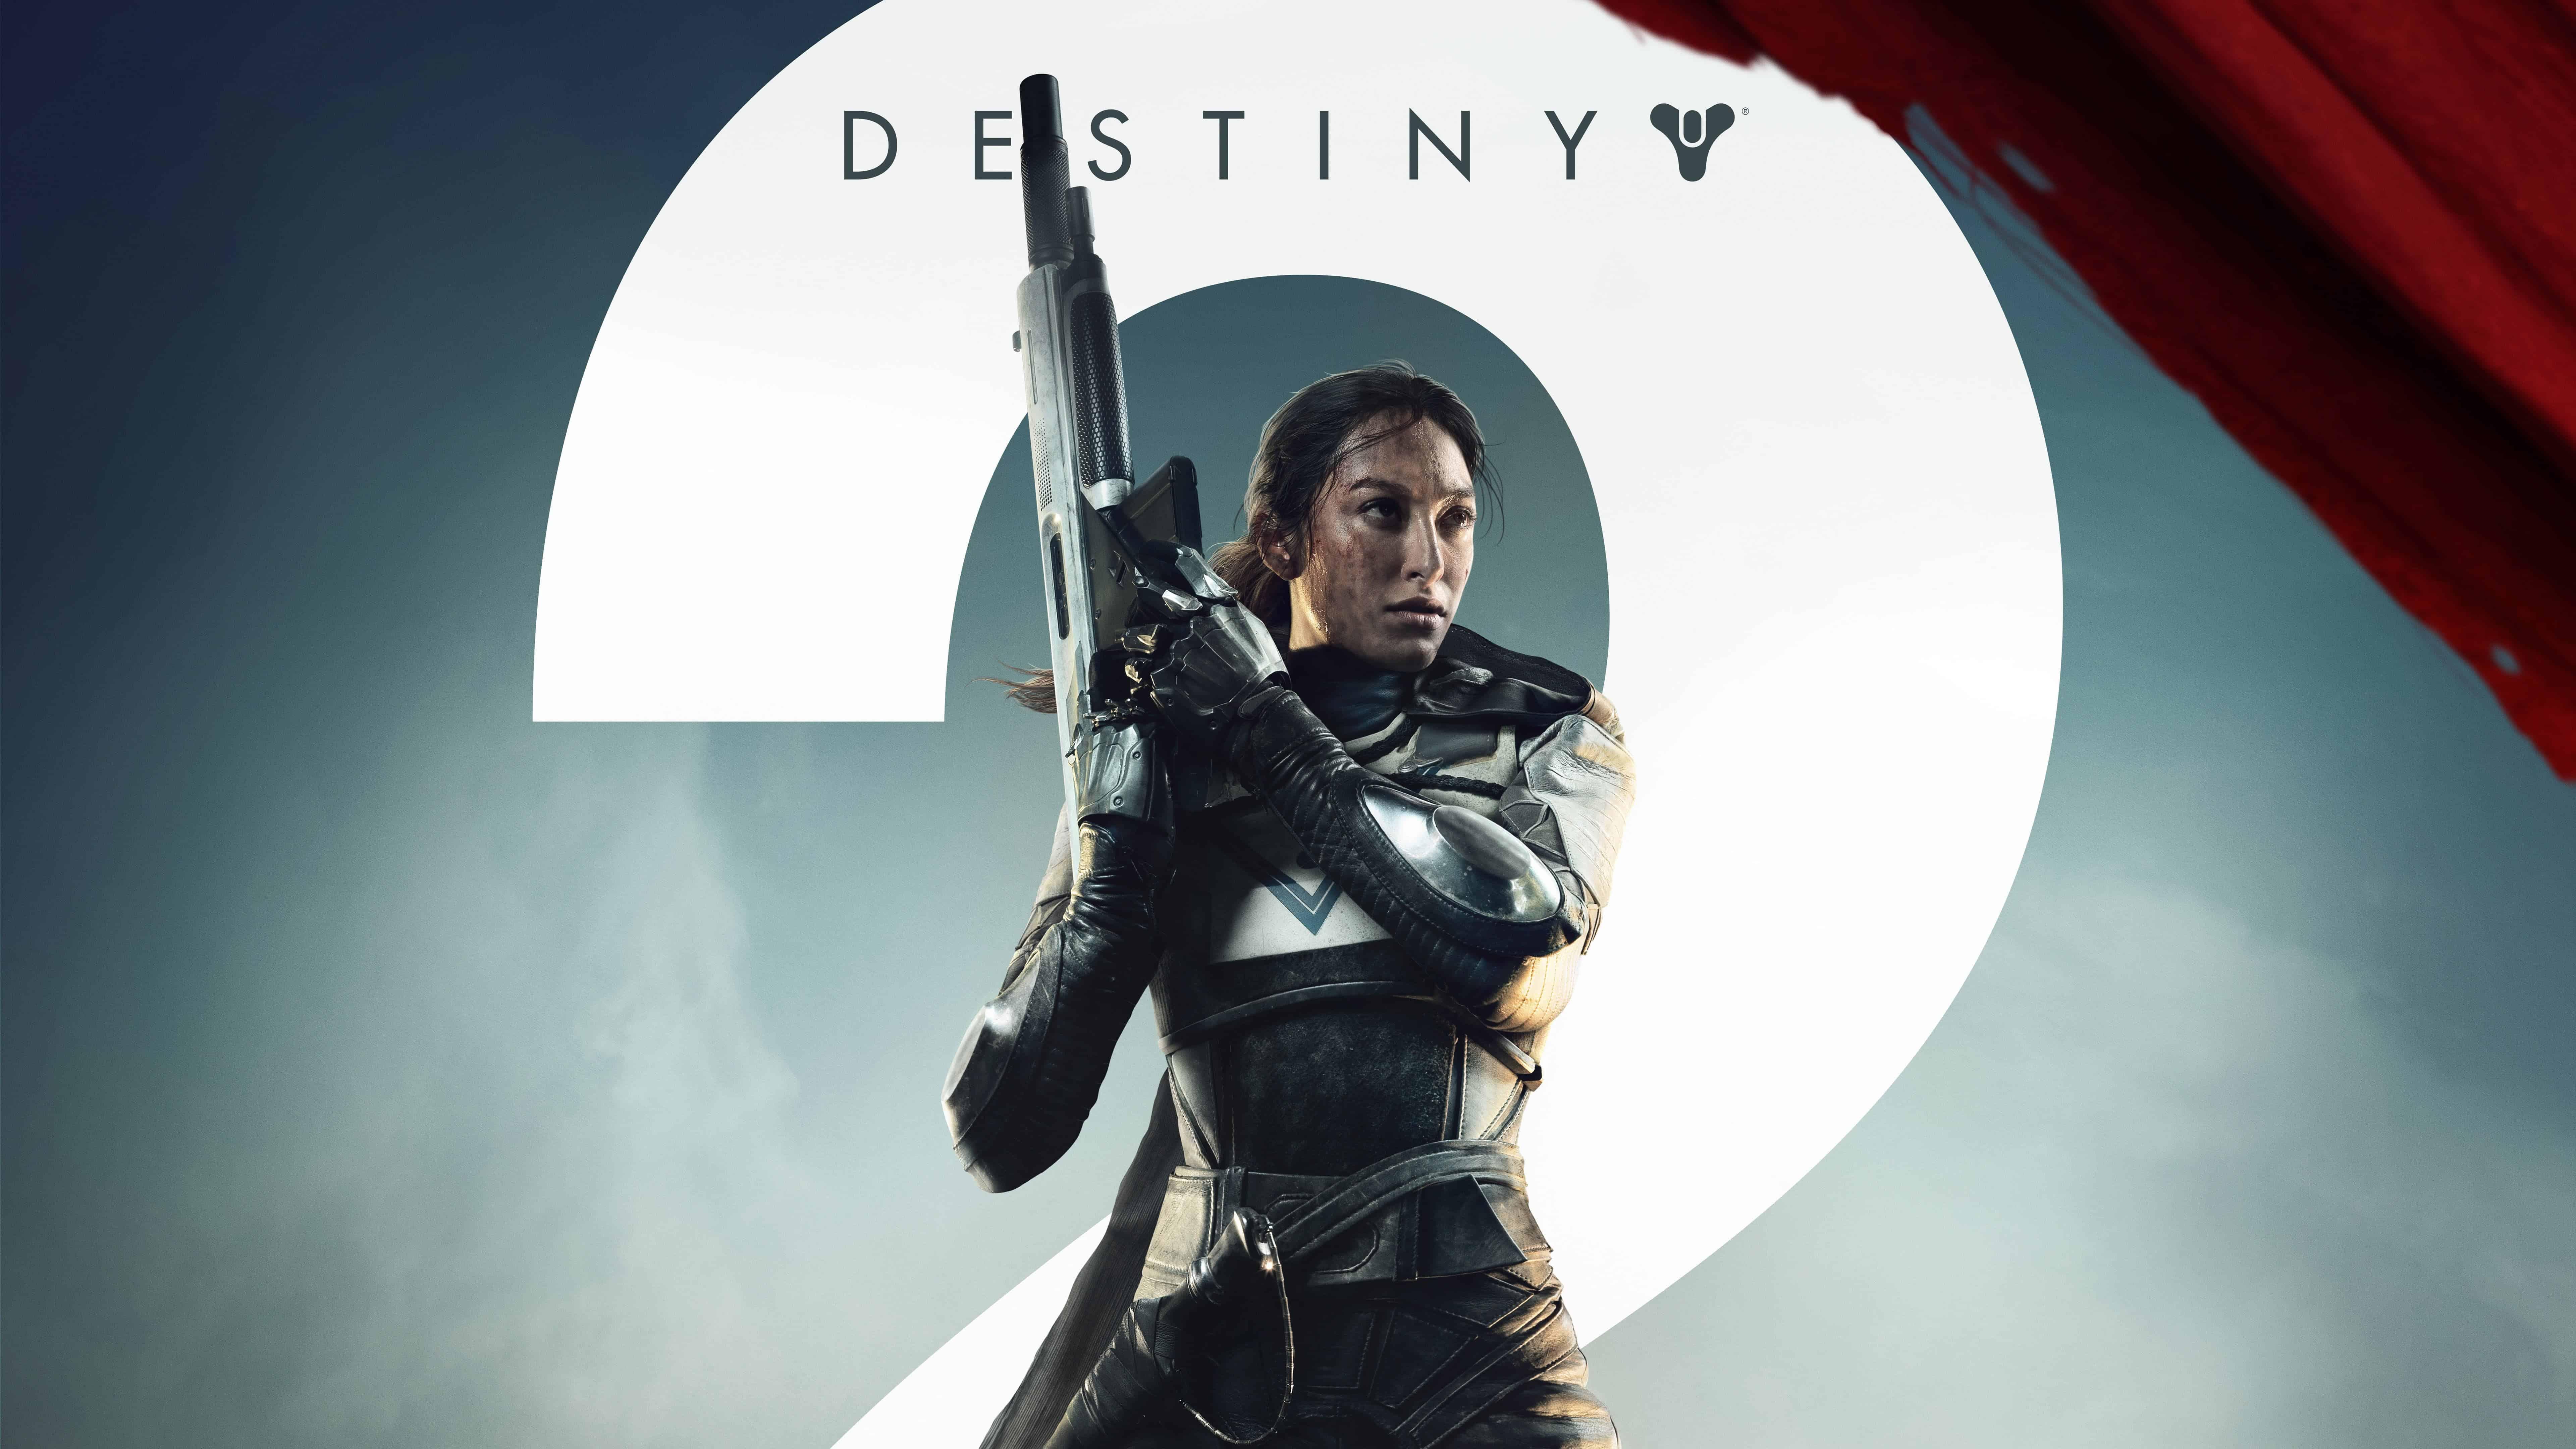 destiny 2 hunter uhd 8k wallpaper